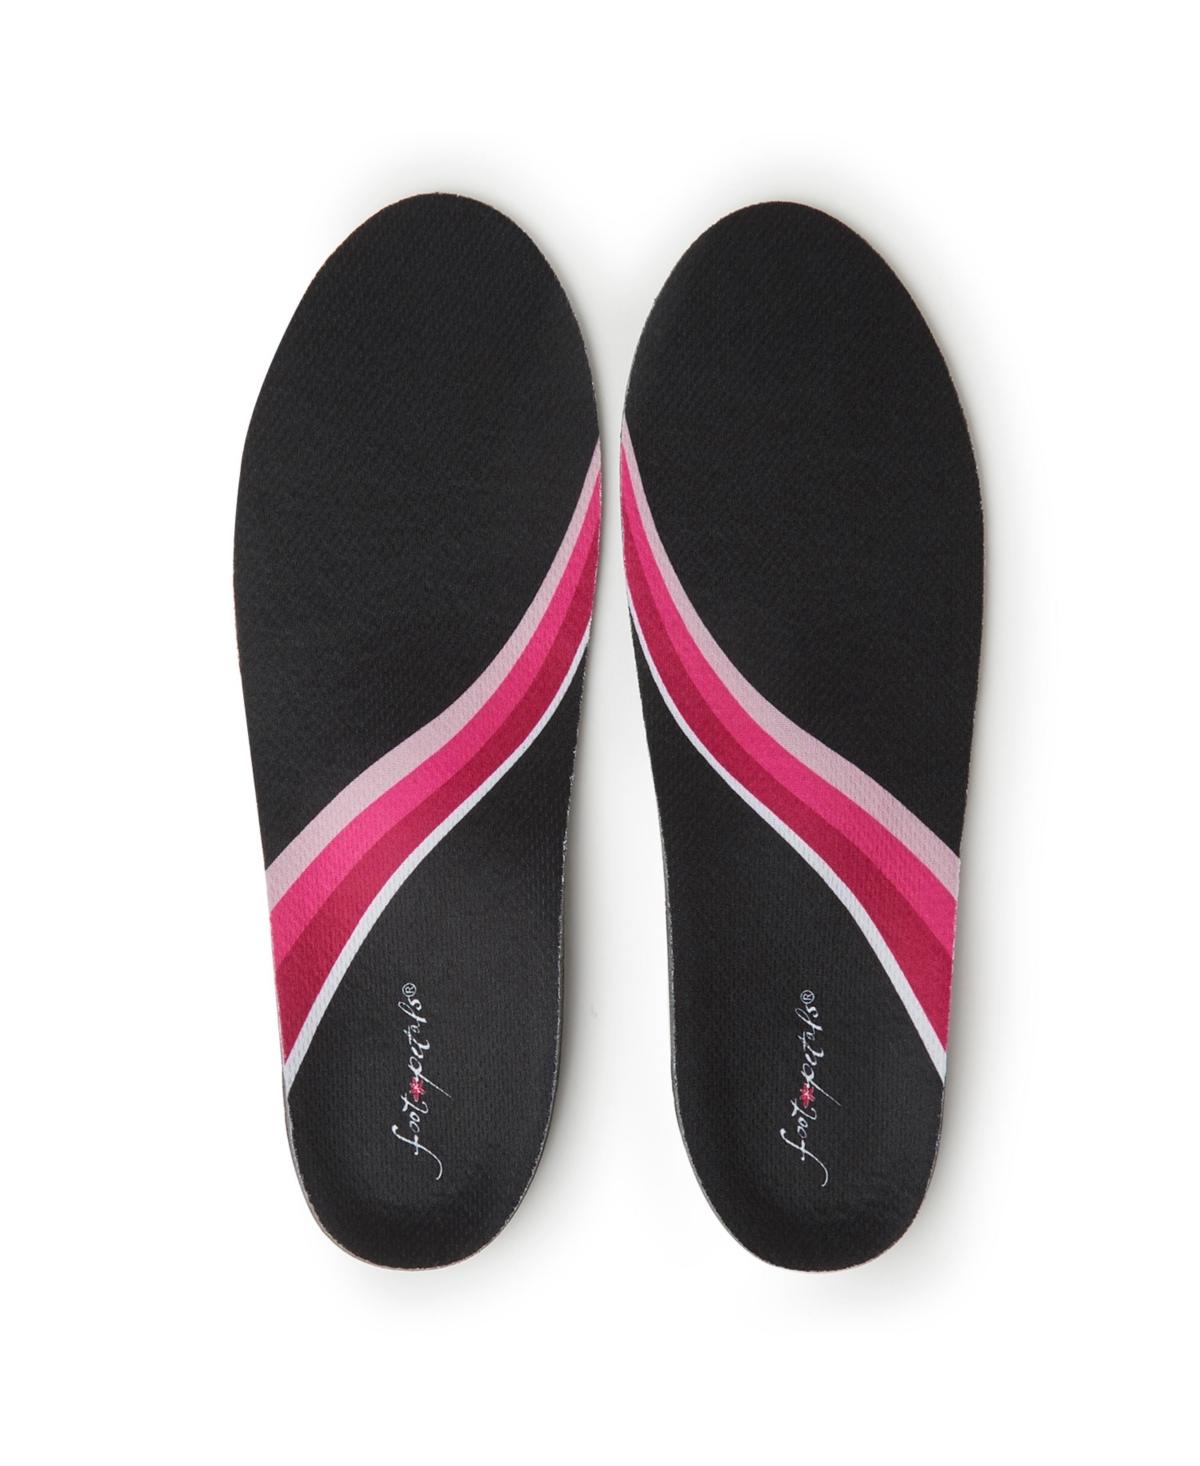 Foot Petals Comfort Insoles Women's Shoes